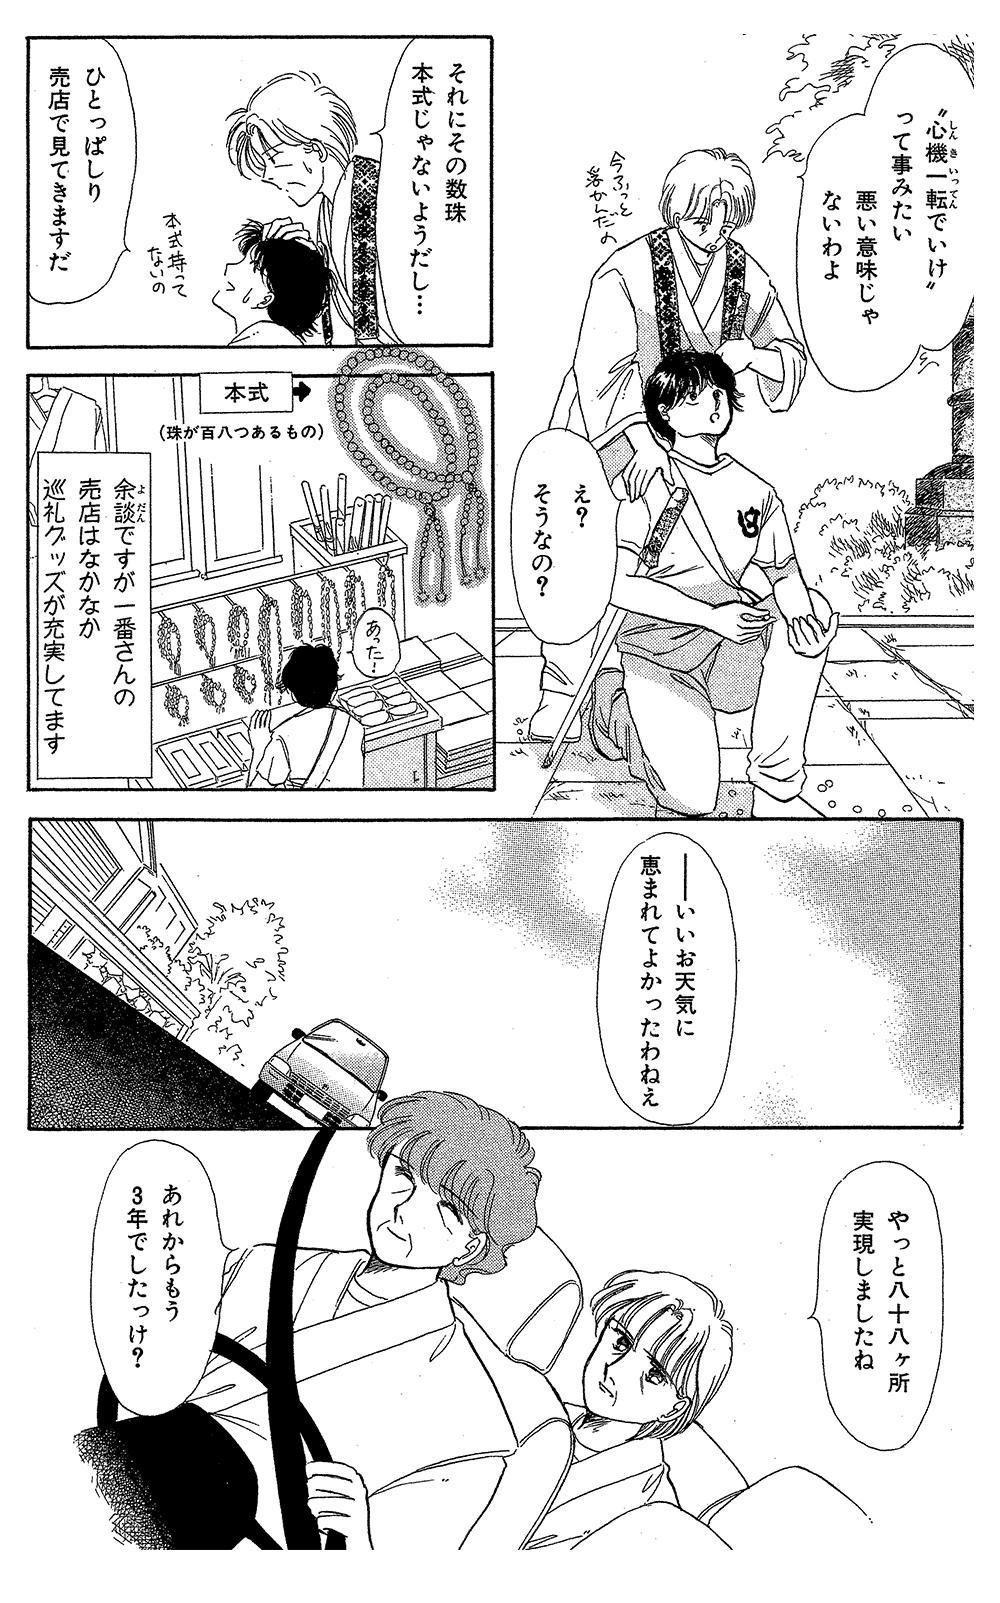 霊感ママシリーズ 第4話「母への道程」①reikanmama-03-100.jpg